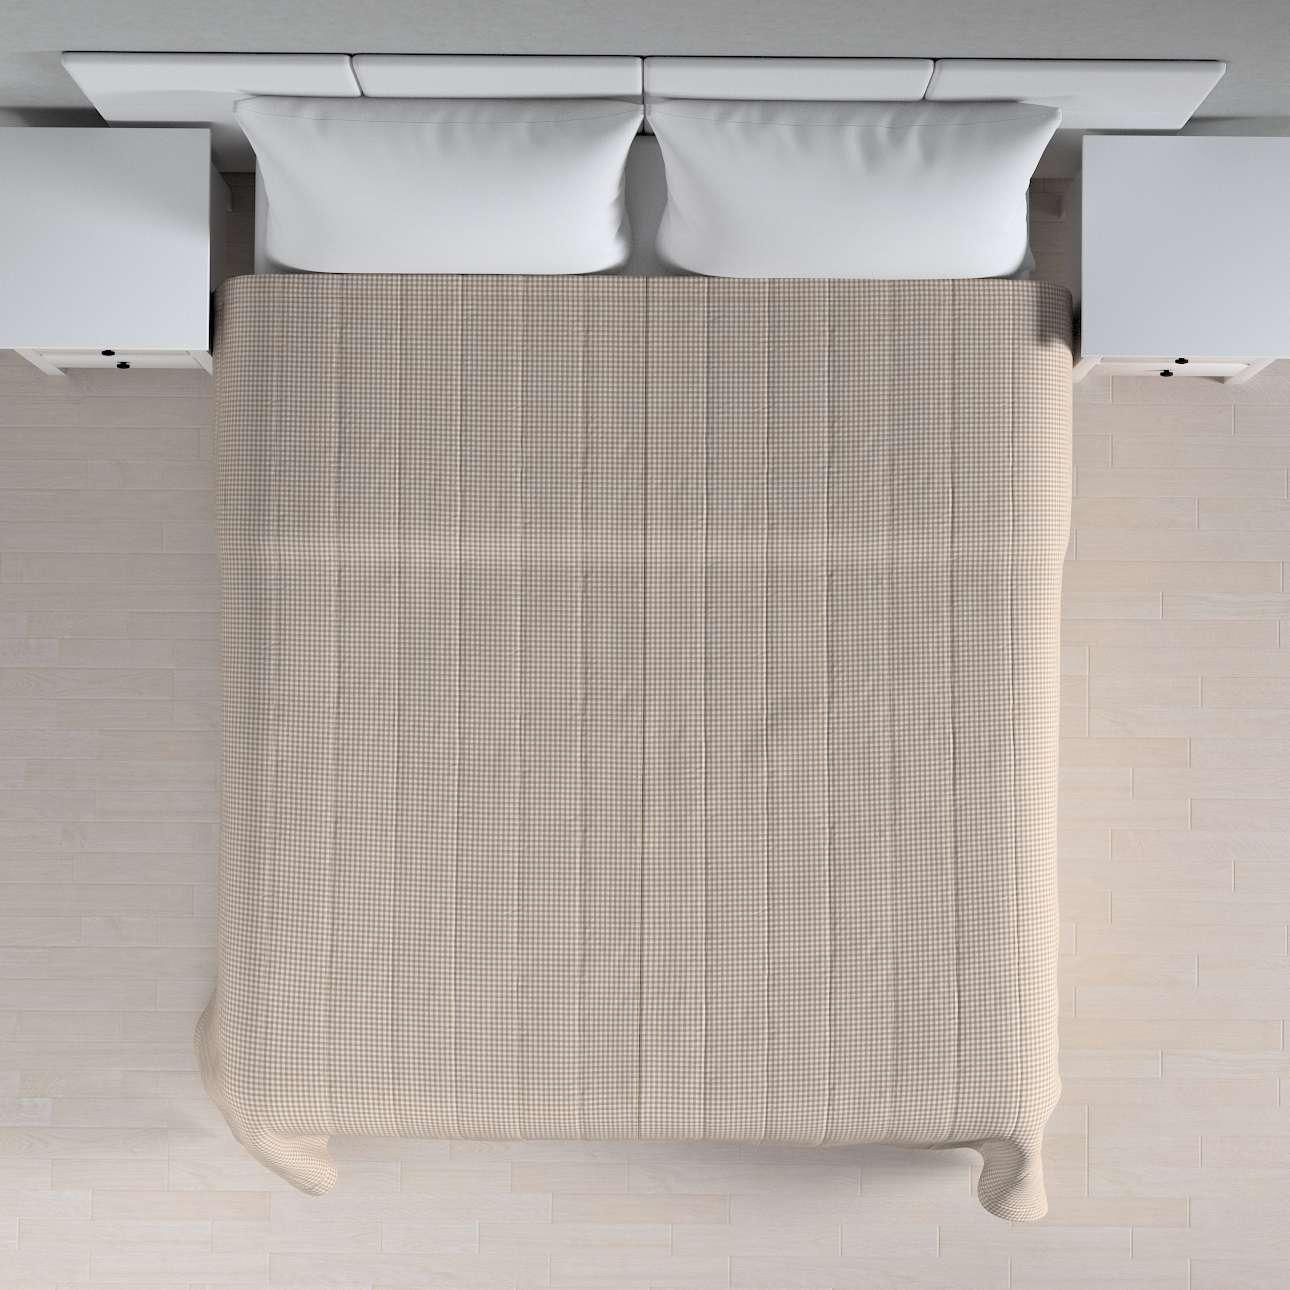 Lovatiesės (vertikaliai dygsniuotos) plotis 260 x ilgis  210 cm kolekcijoje Quadro, audinys: 136-05